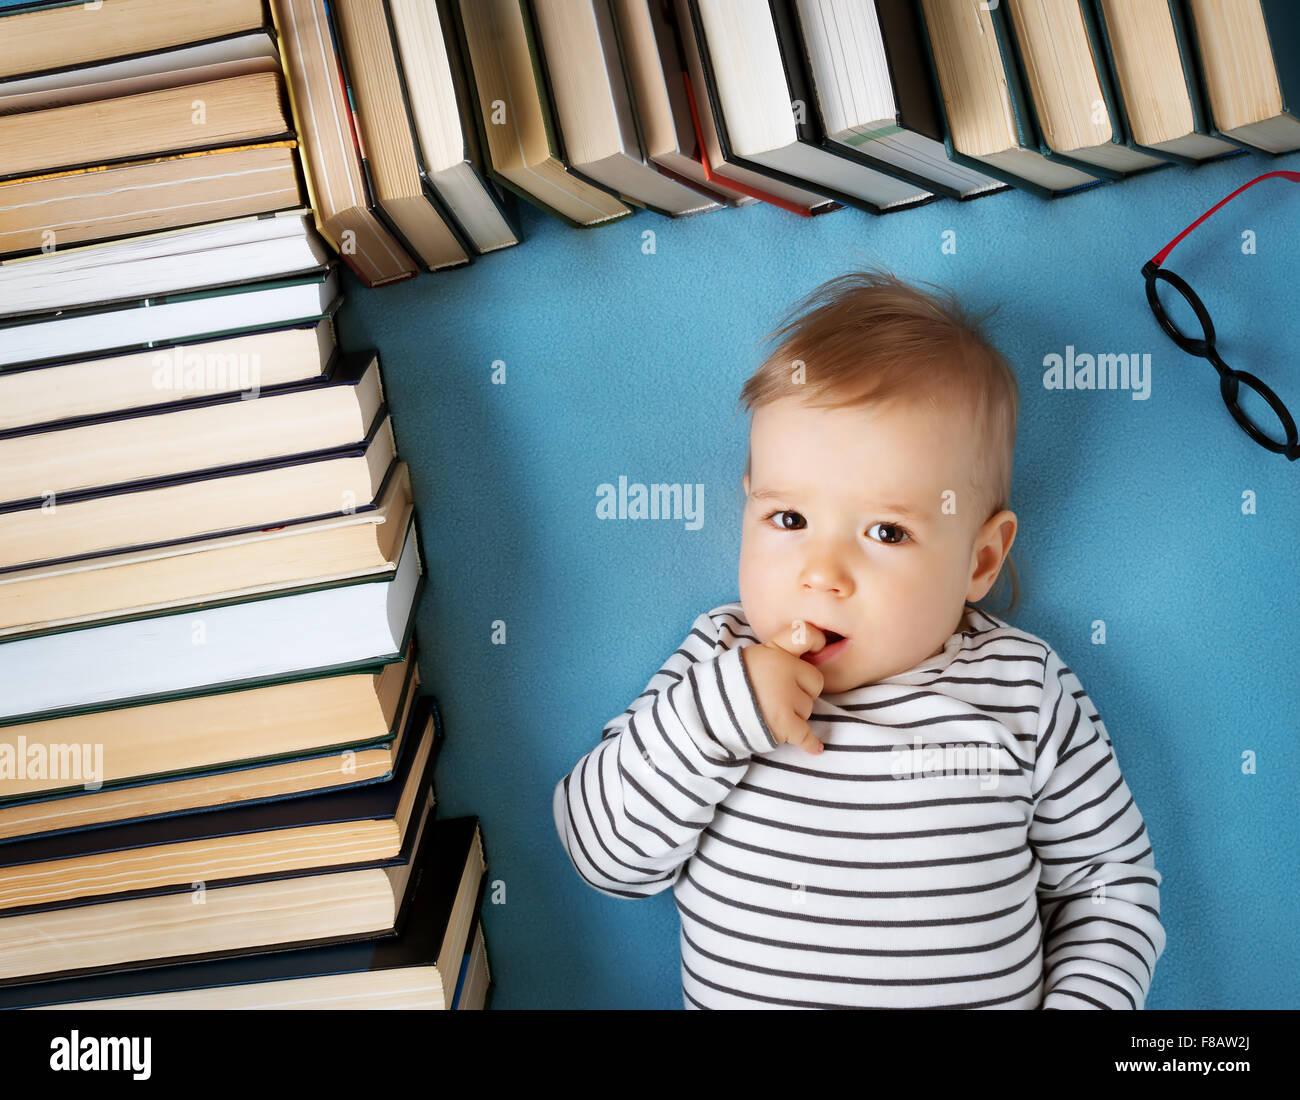 Bebé de Un año de edad con spectackles y libros Foto de stock